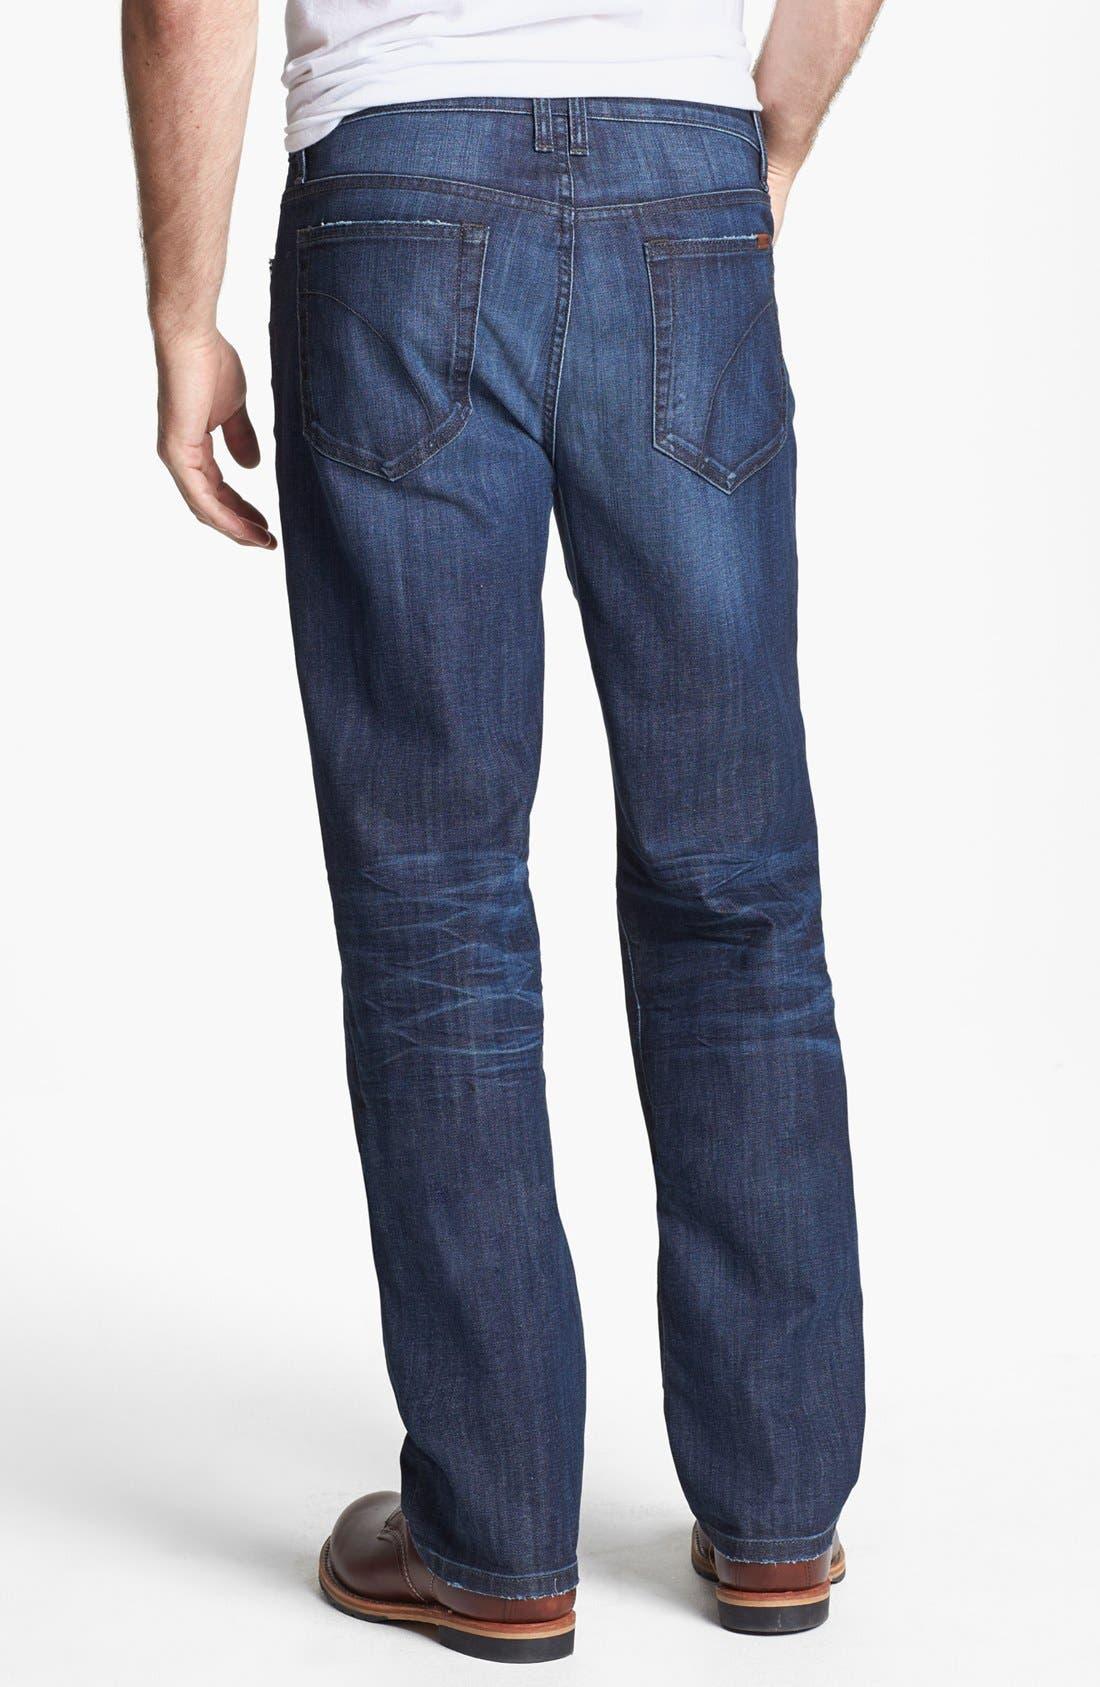 Alternate Image 1 Selected - Joe's 'Rebel' Relaxed Leg Jeans (Derek)